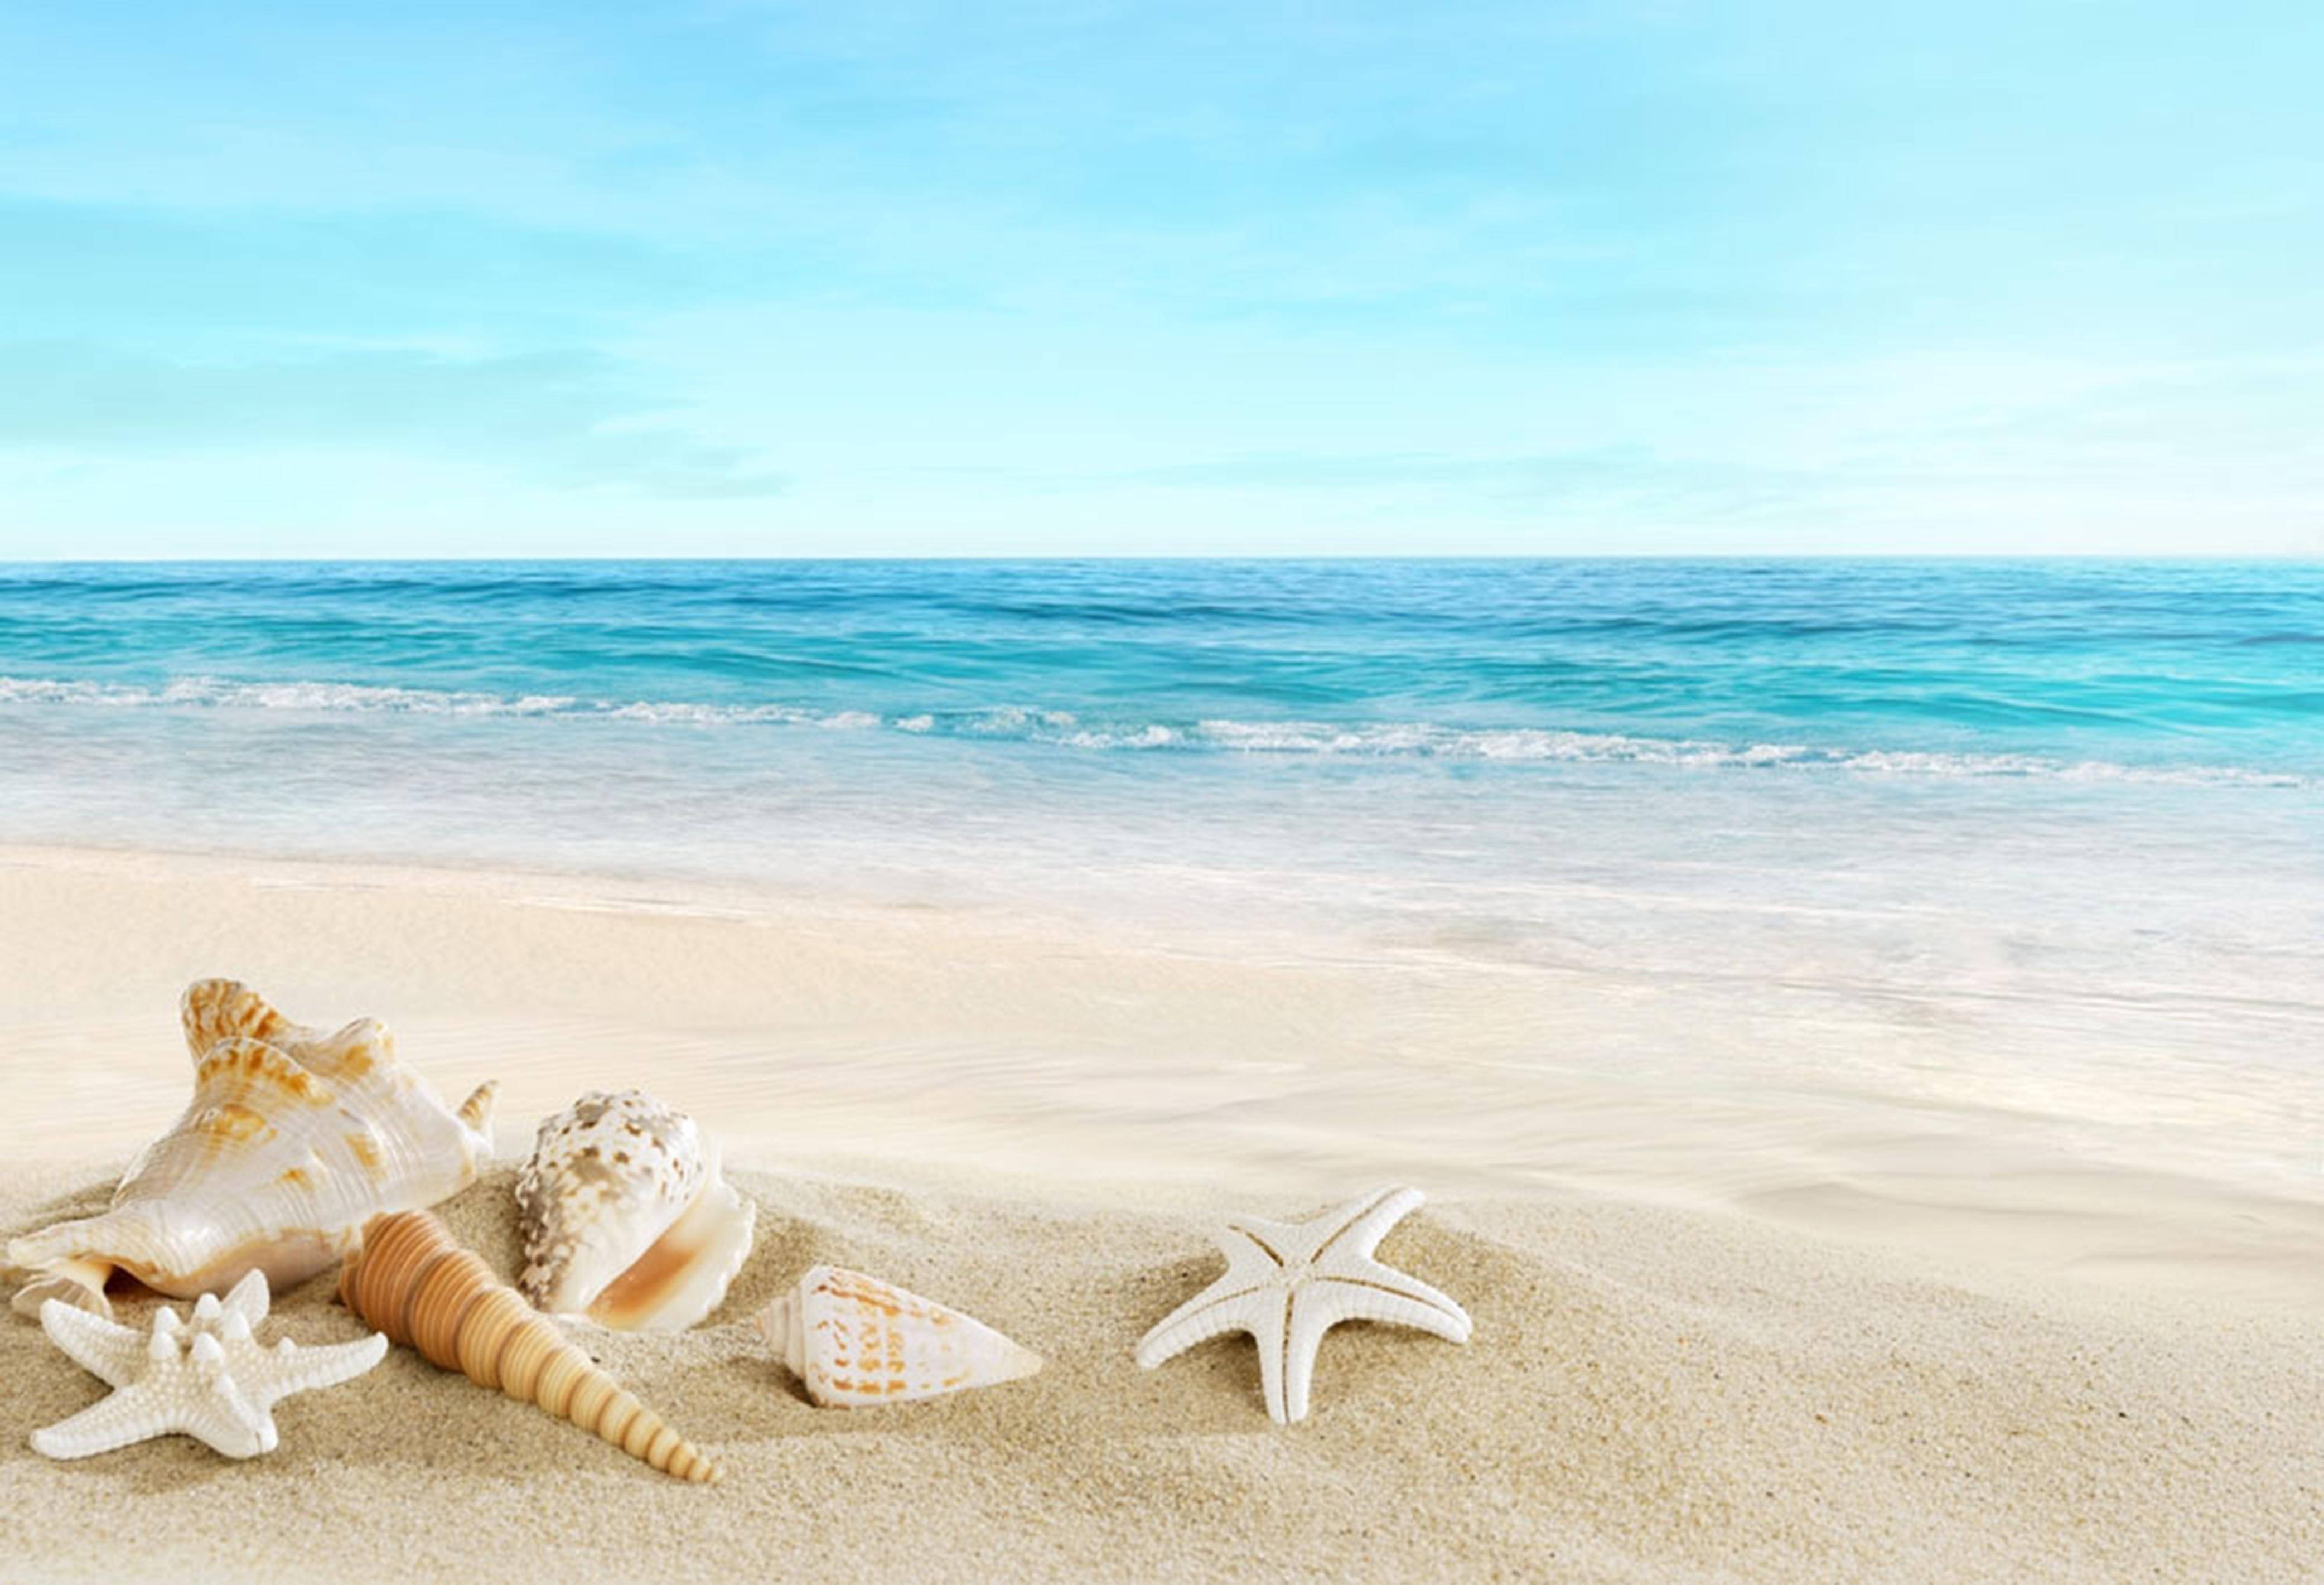 le sable plage ocean mer contexte le sol de l u0026 39 eau tropical image de fond pour le t u00e9l u00e9chargement